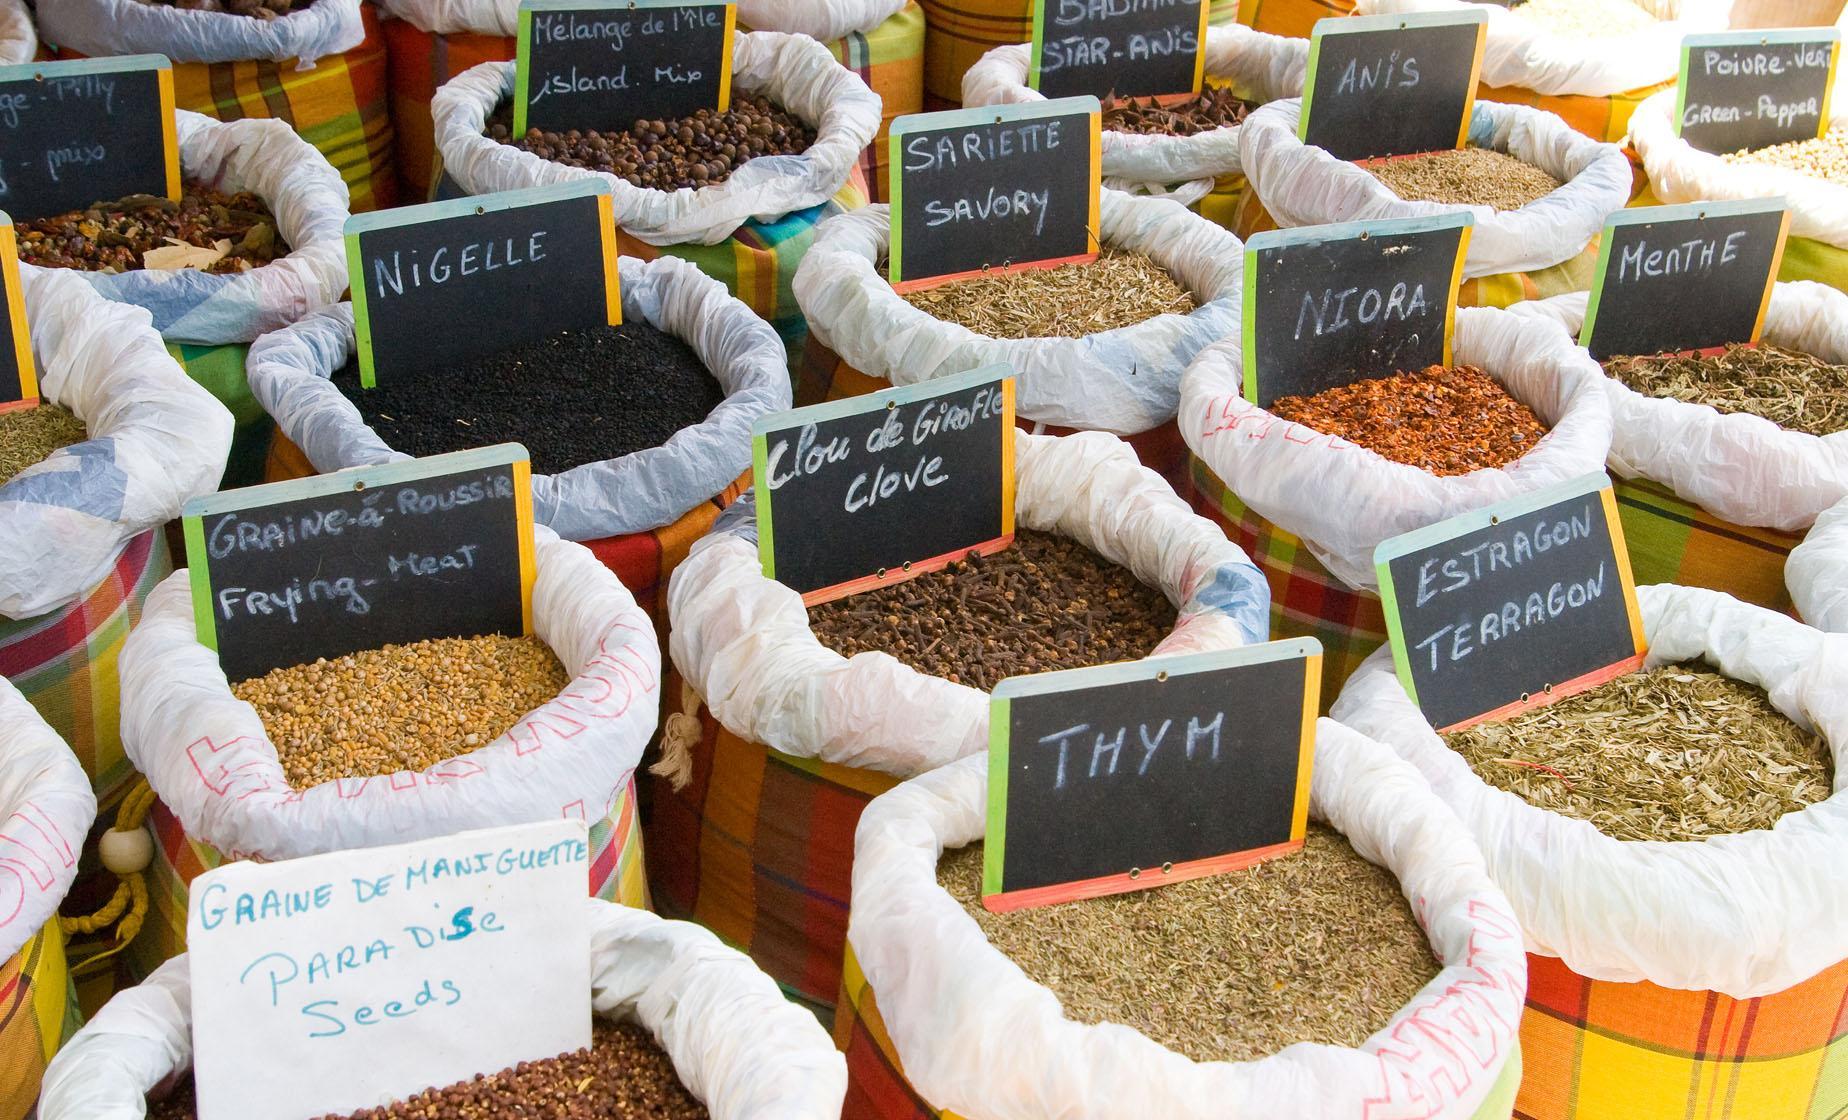 Grenada's Spice Route